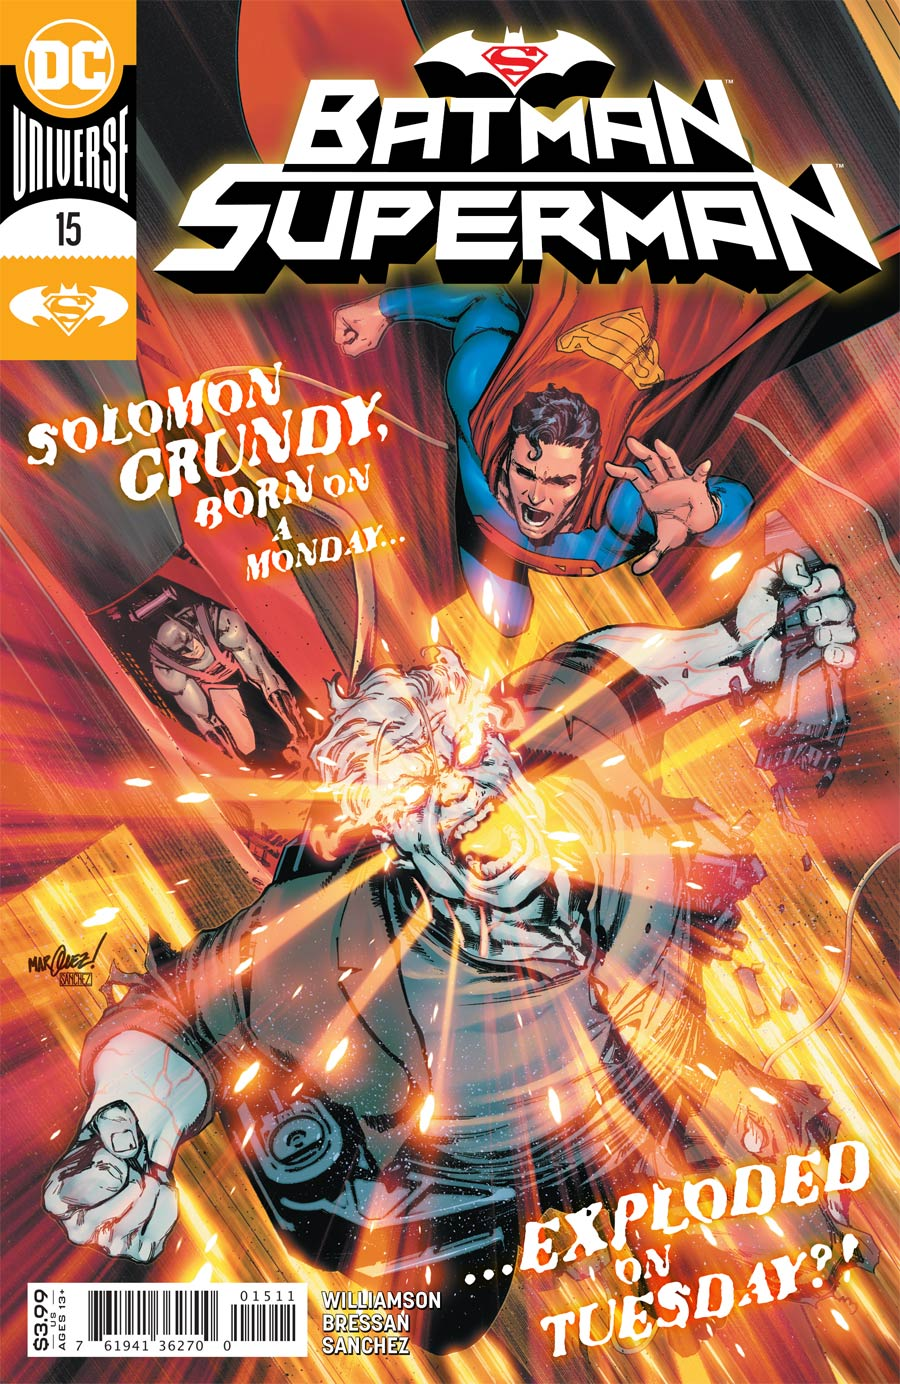 Batman Superman Vol 2 #15 Cover A Regular David Marquez Cover